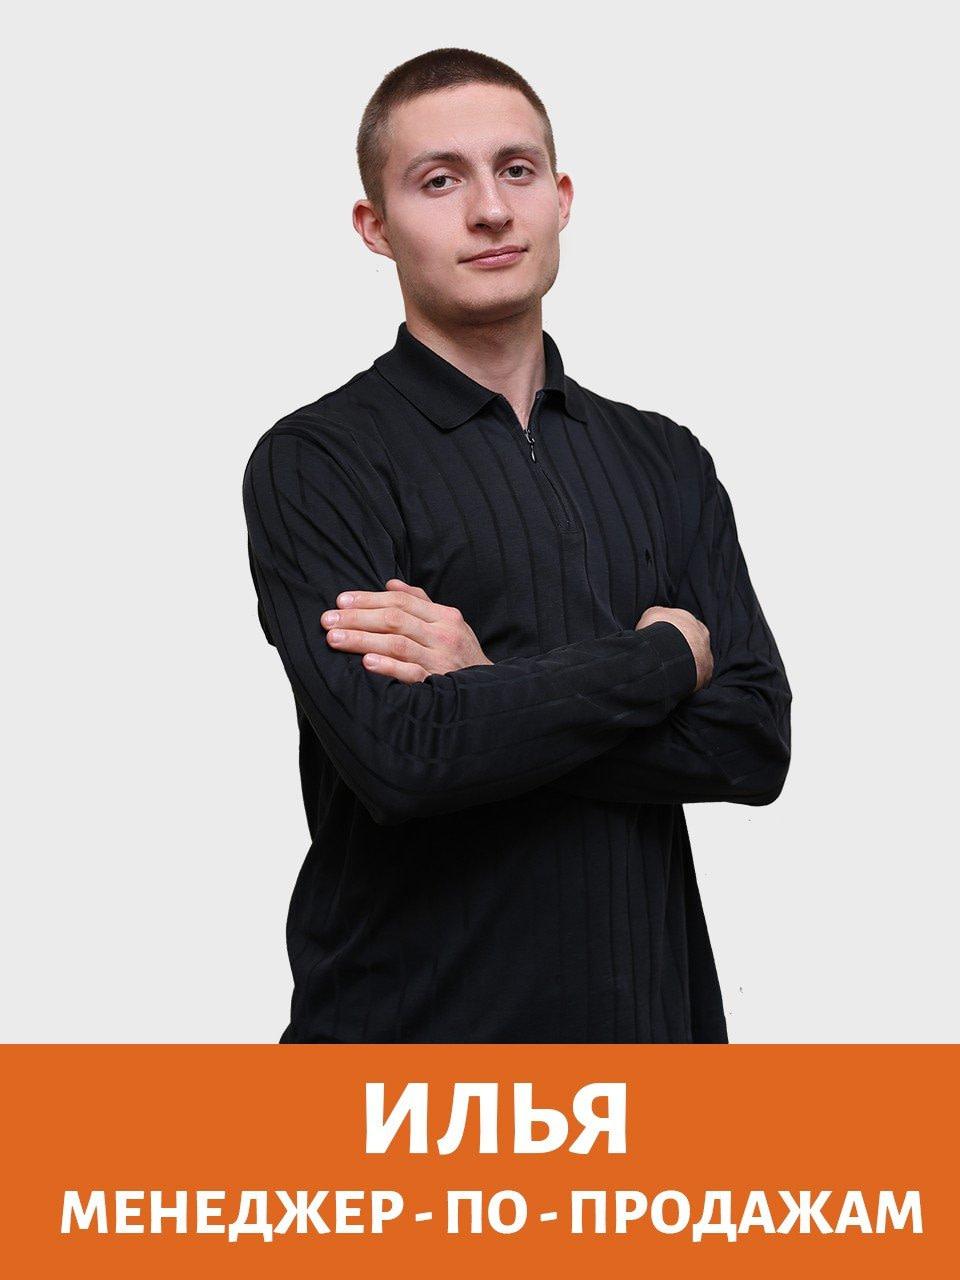 ilja menedzher po prodazham - Главная